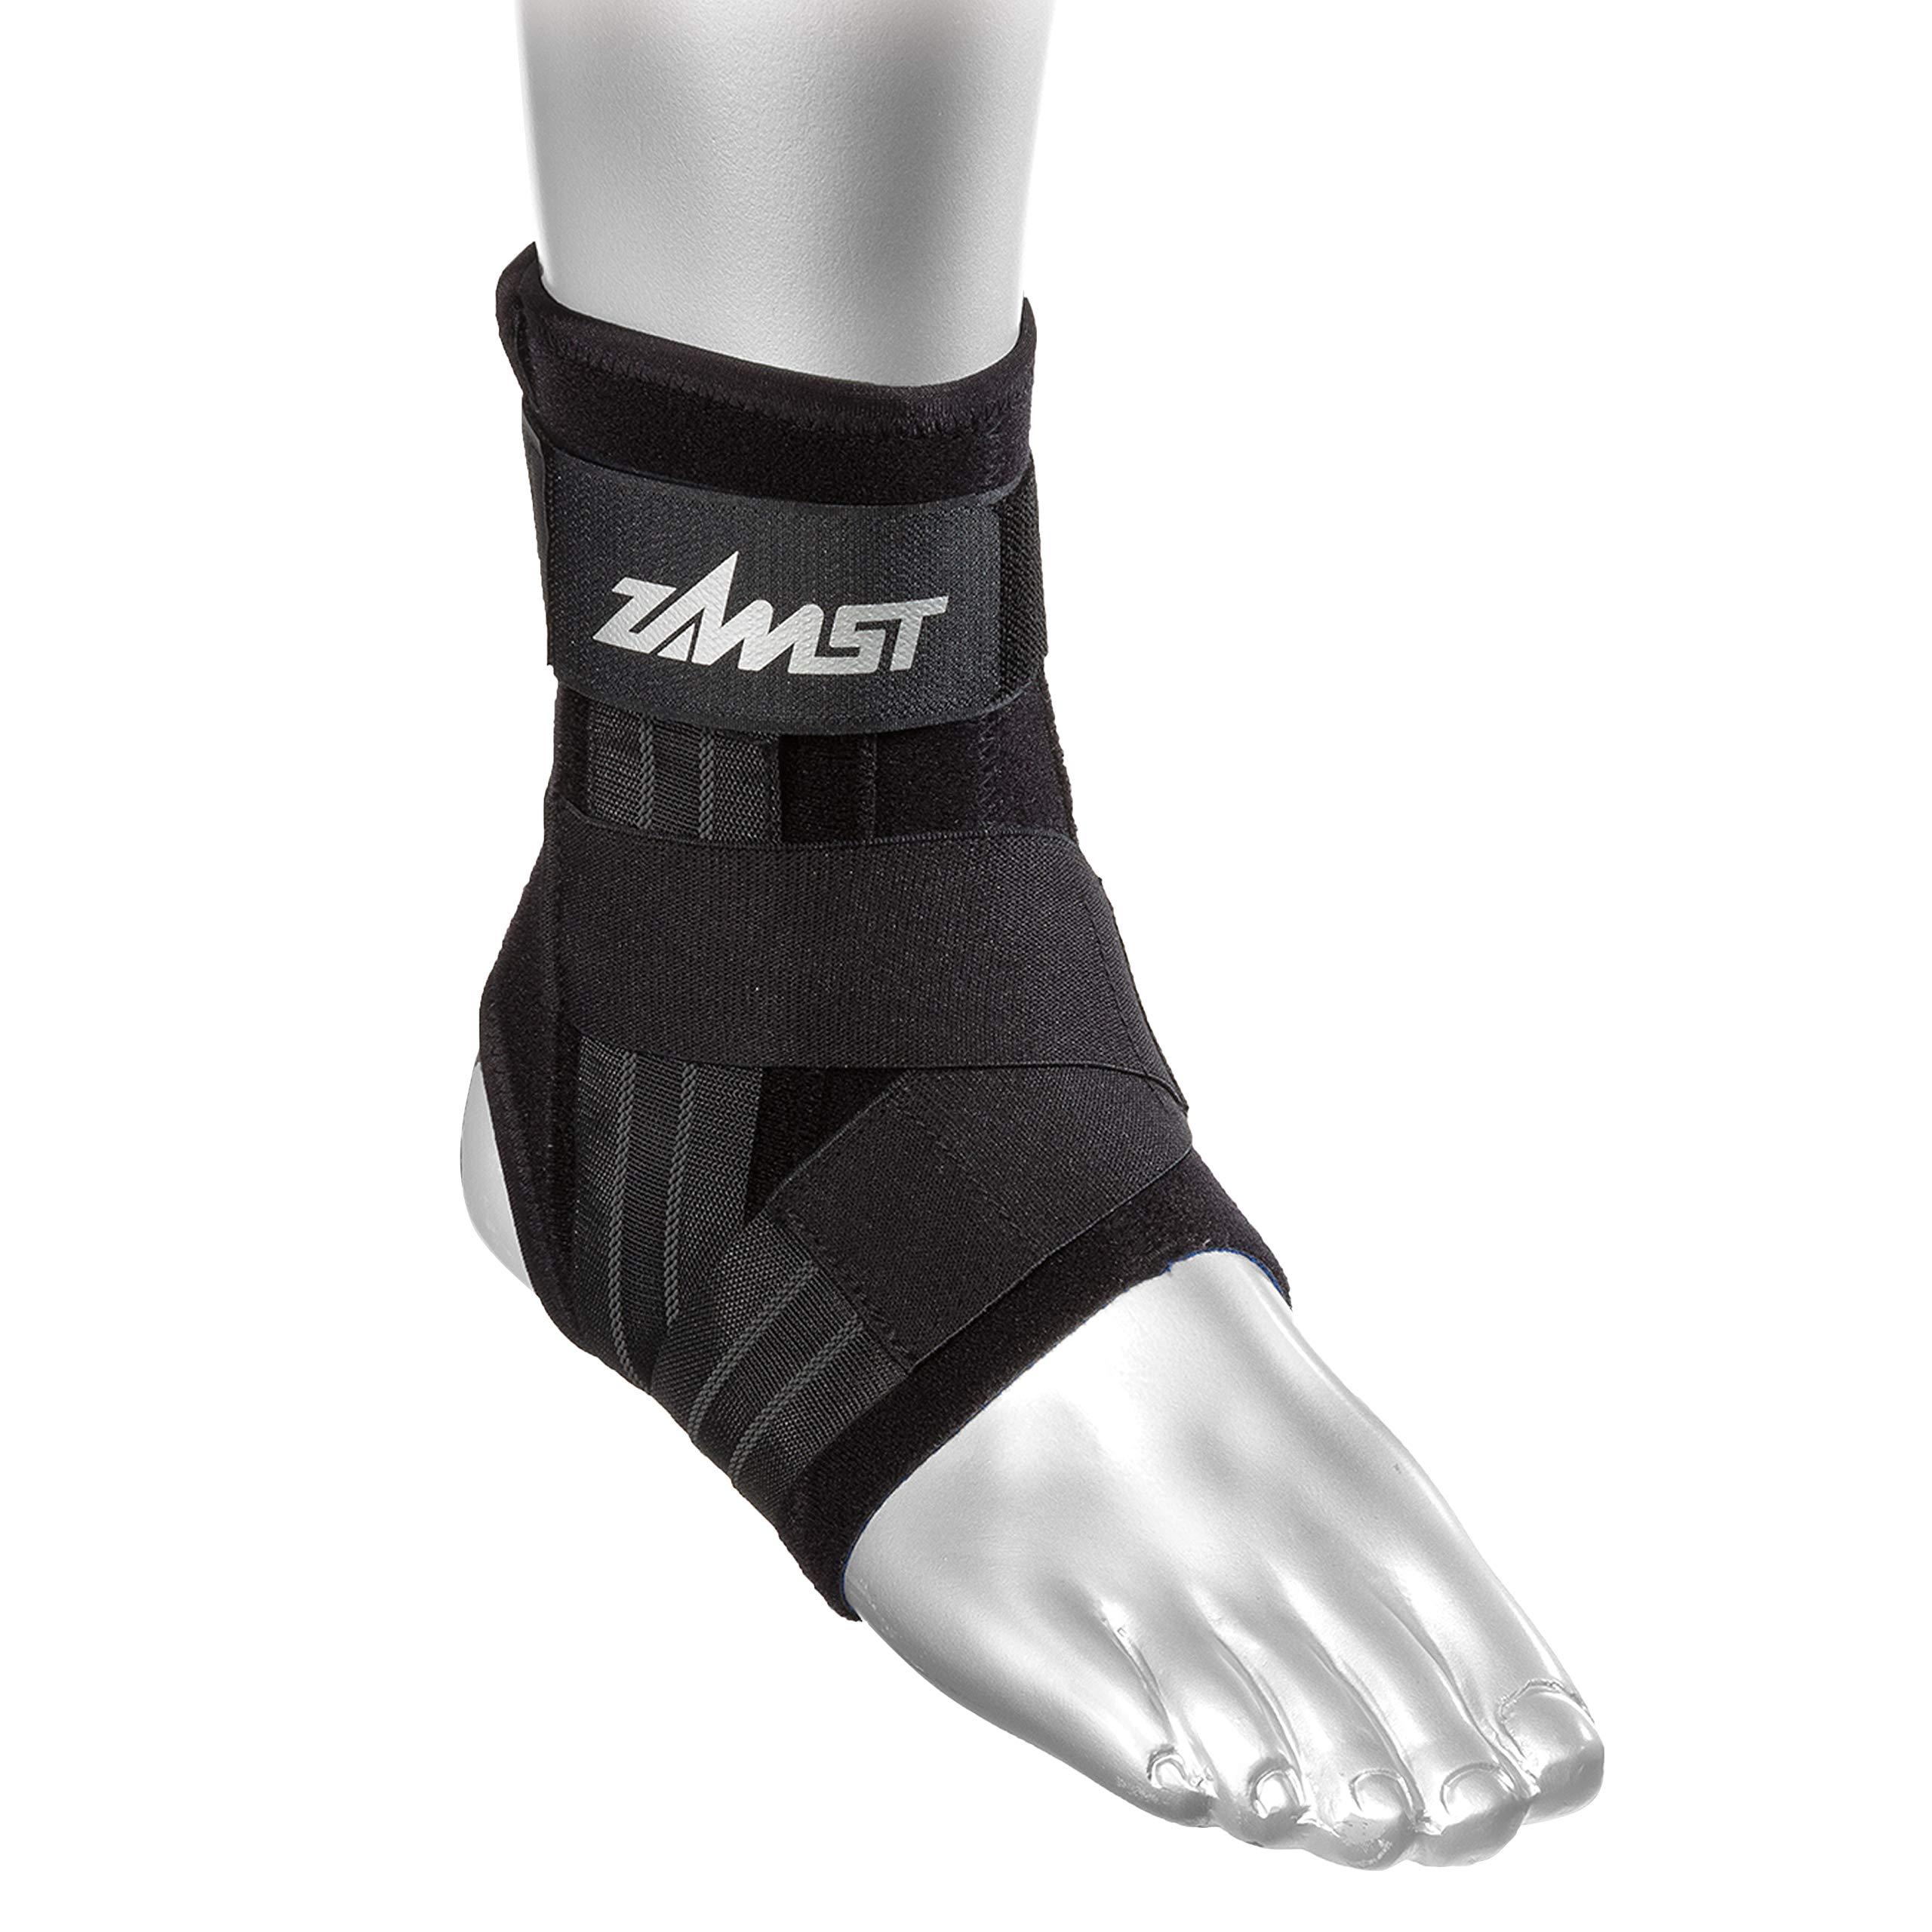 Zamst A1 Left Ankle Brace, Black, Medium by Zamst